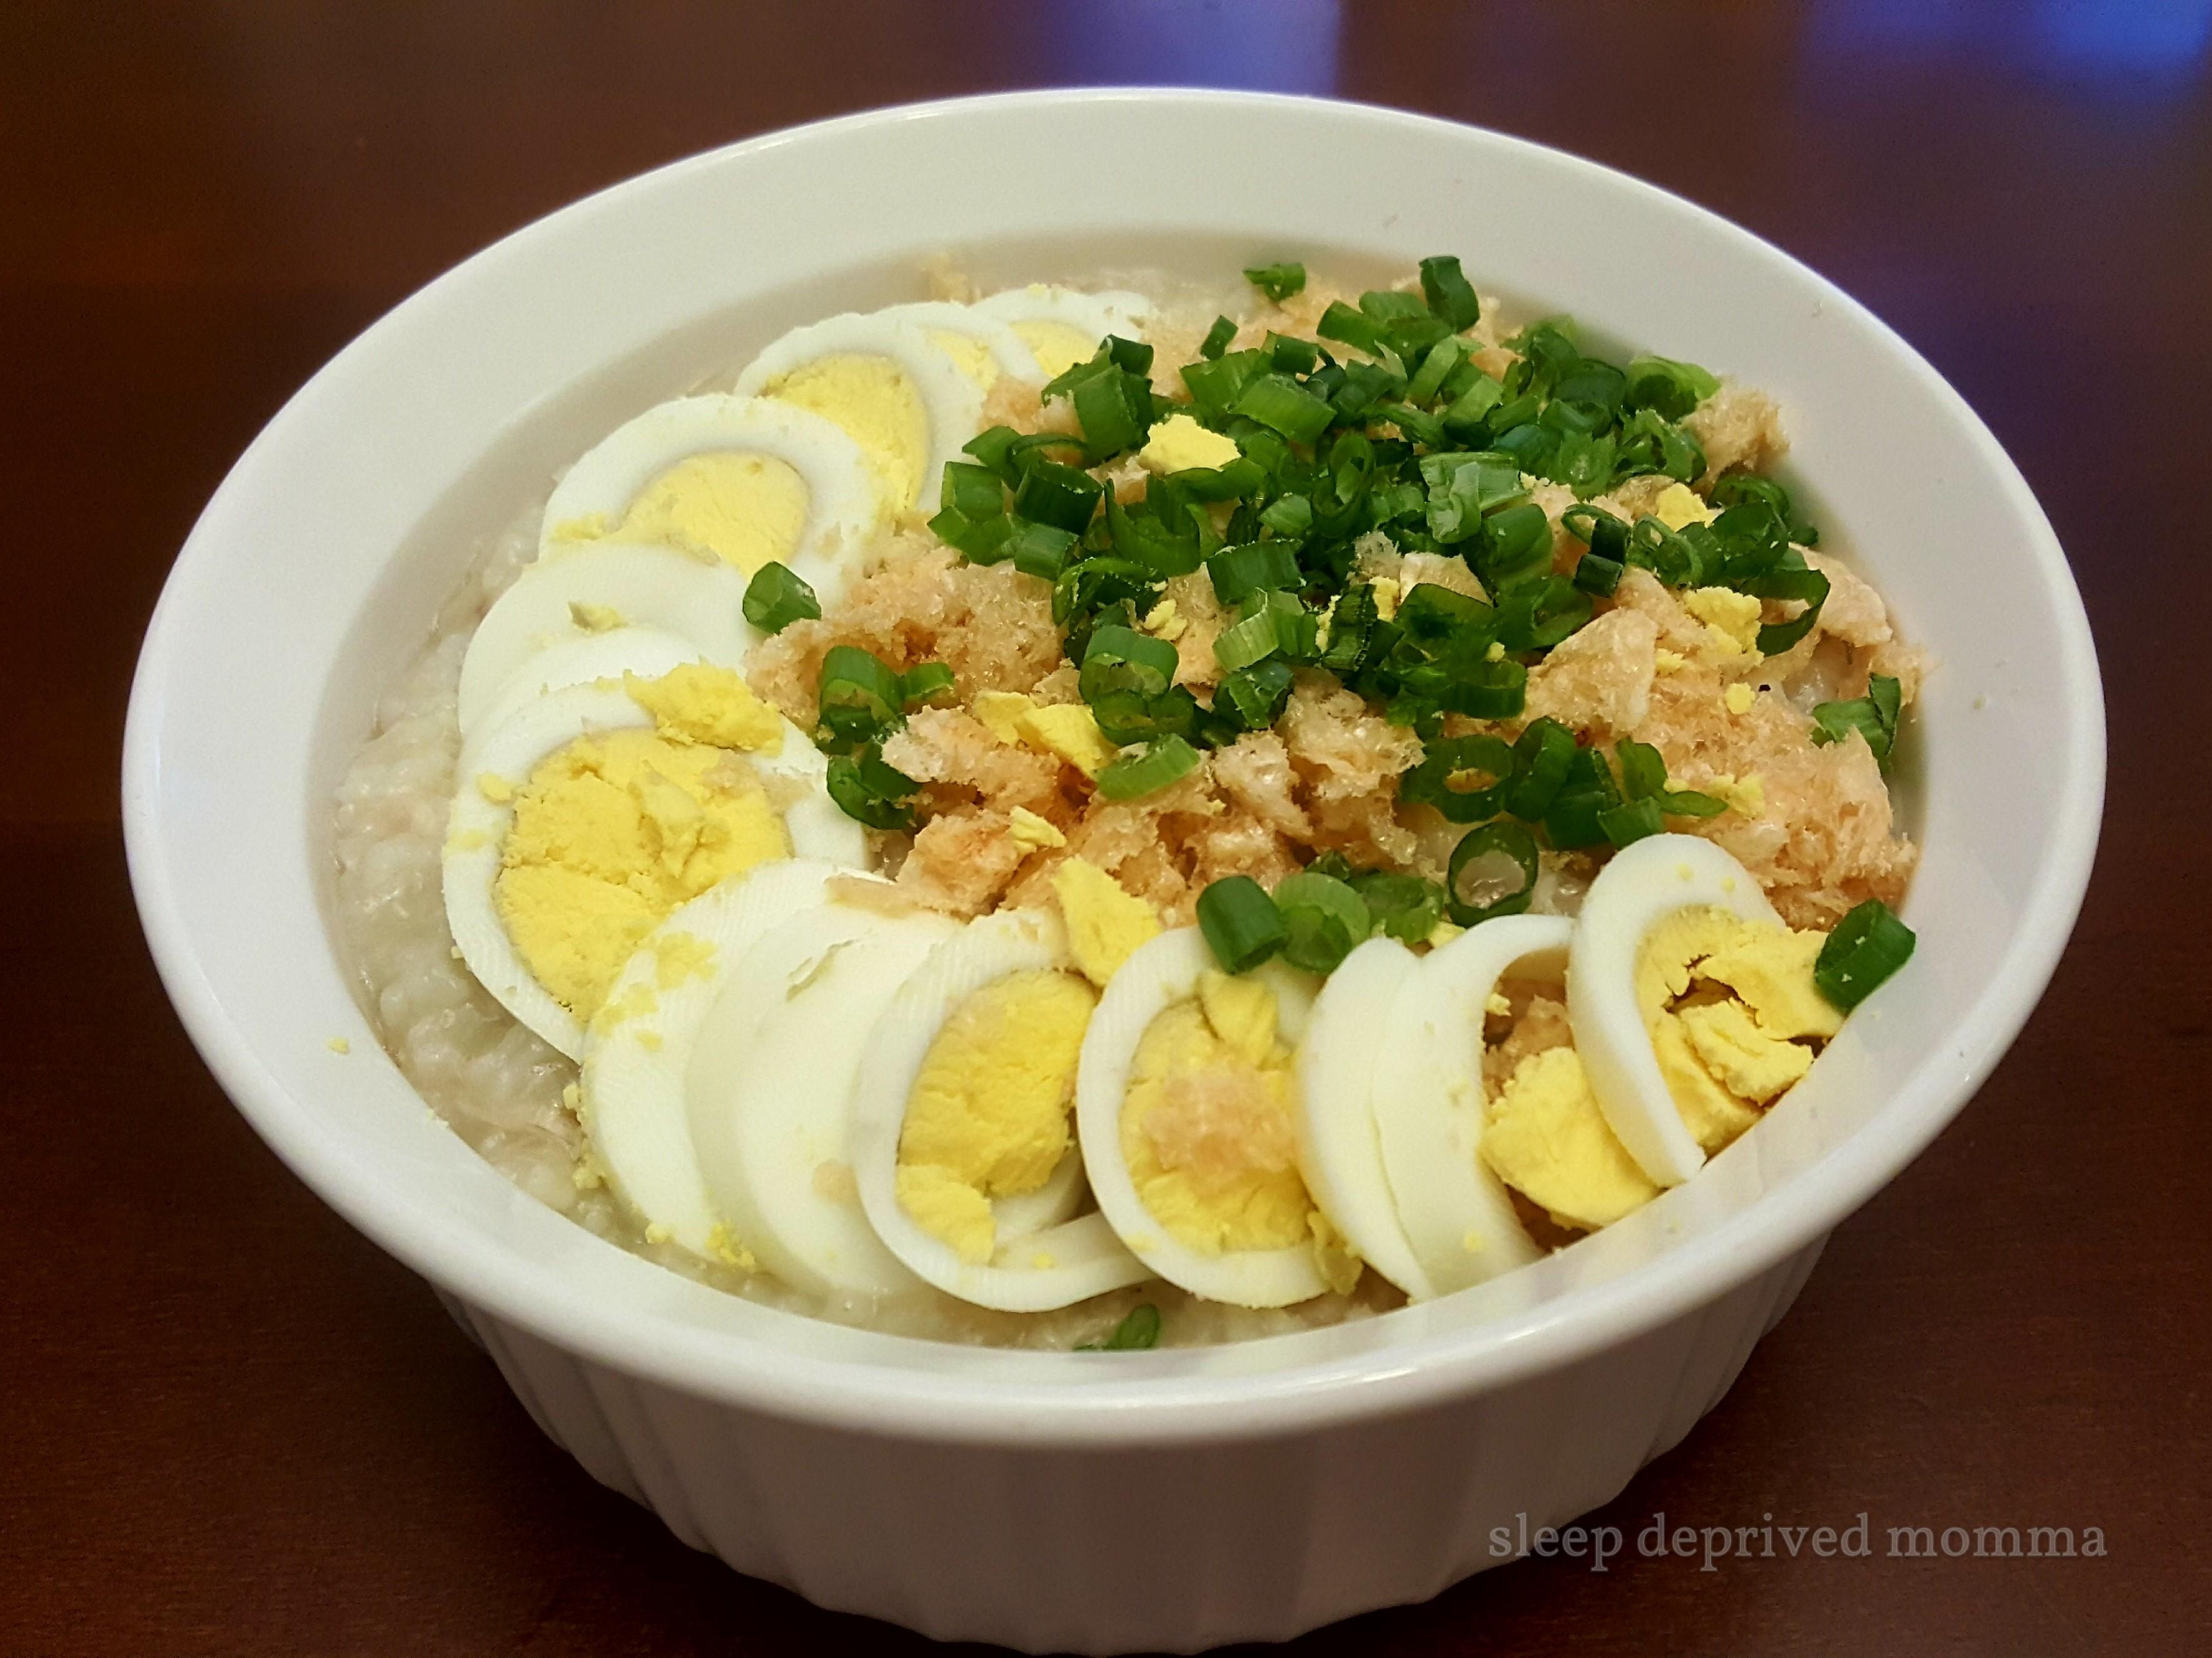 arroz caldo.jpg